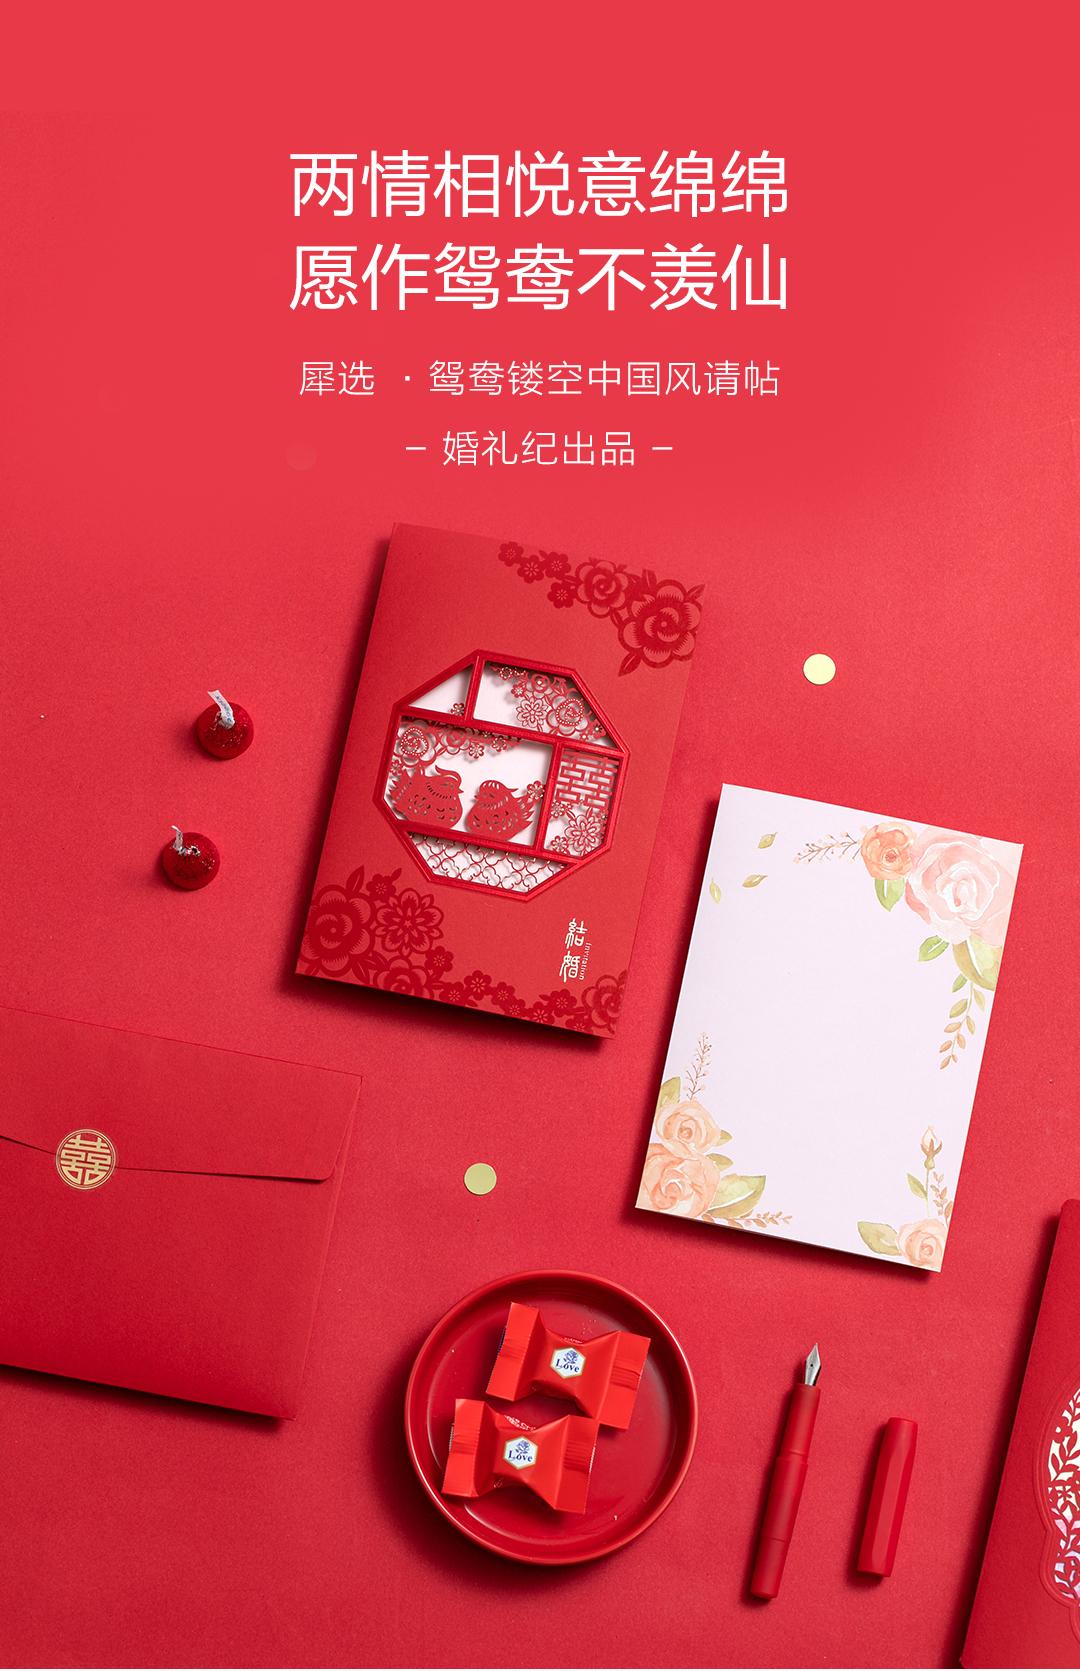 【预售】鸳鸯镂空中国风请帖